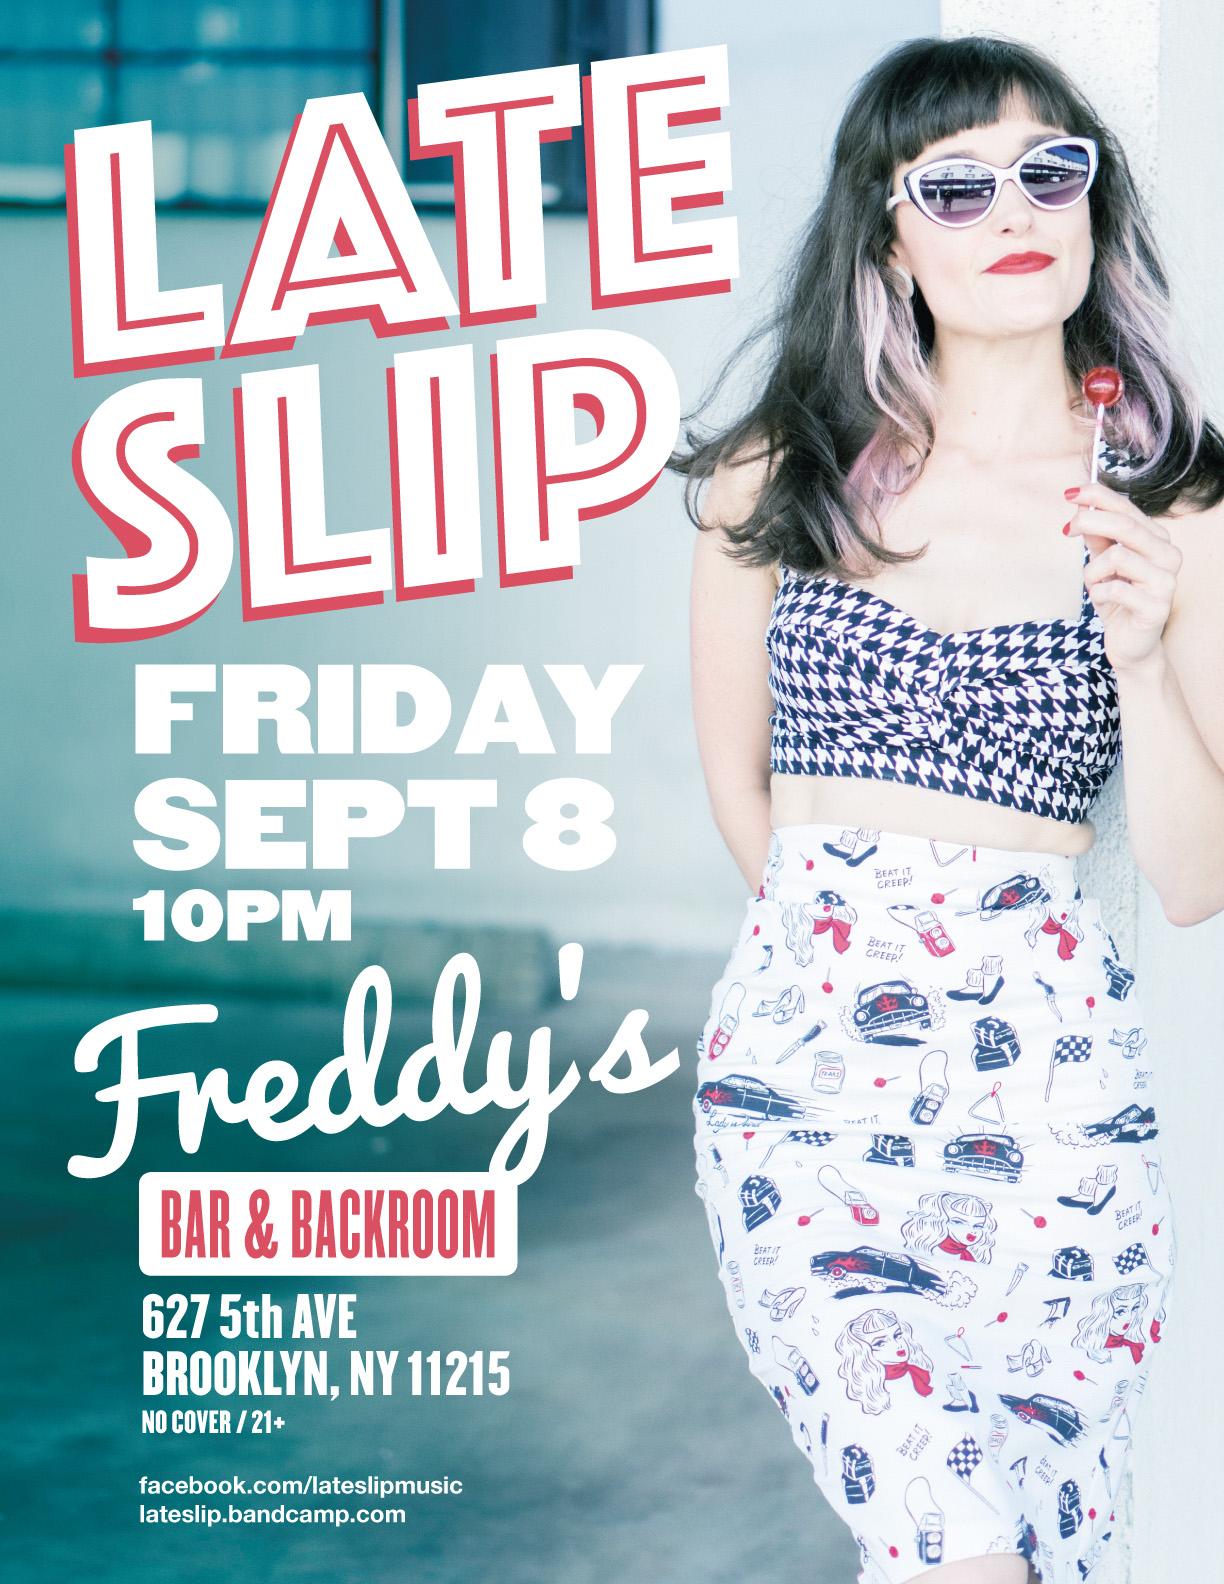 Late Slip Freddy's Poster.jpg